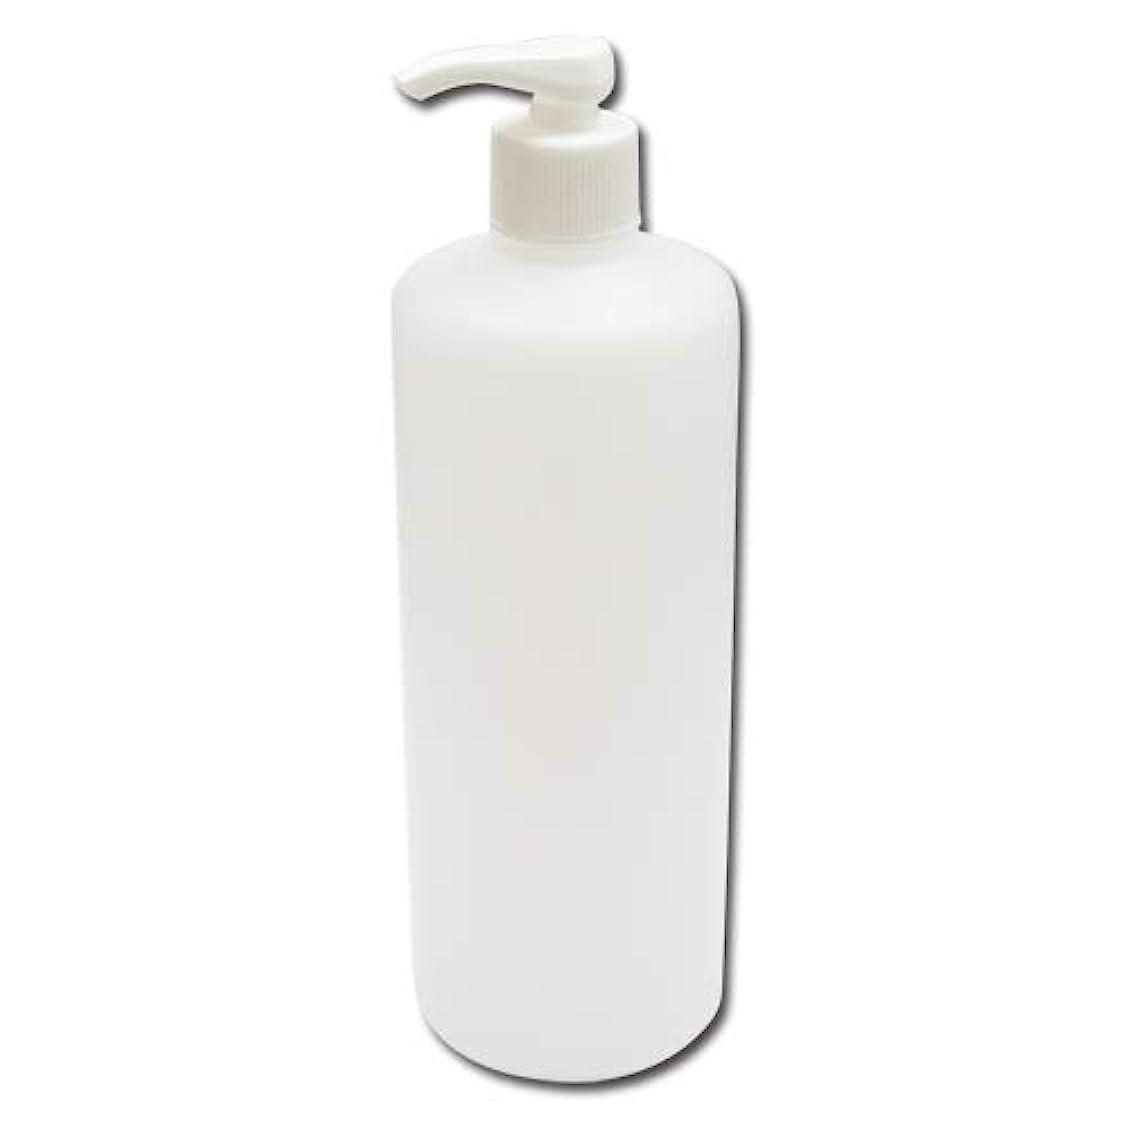 禁輸パラメータ特異なポンプボトル詰め替え容器500ml│ディスペンサー詰め替え容器/業務用シャンプー?ボディーソープの小分けにポンプ容器 広口タイプ